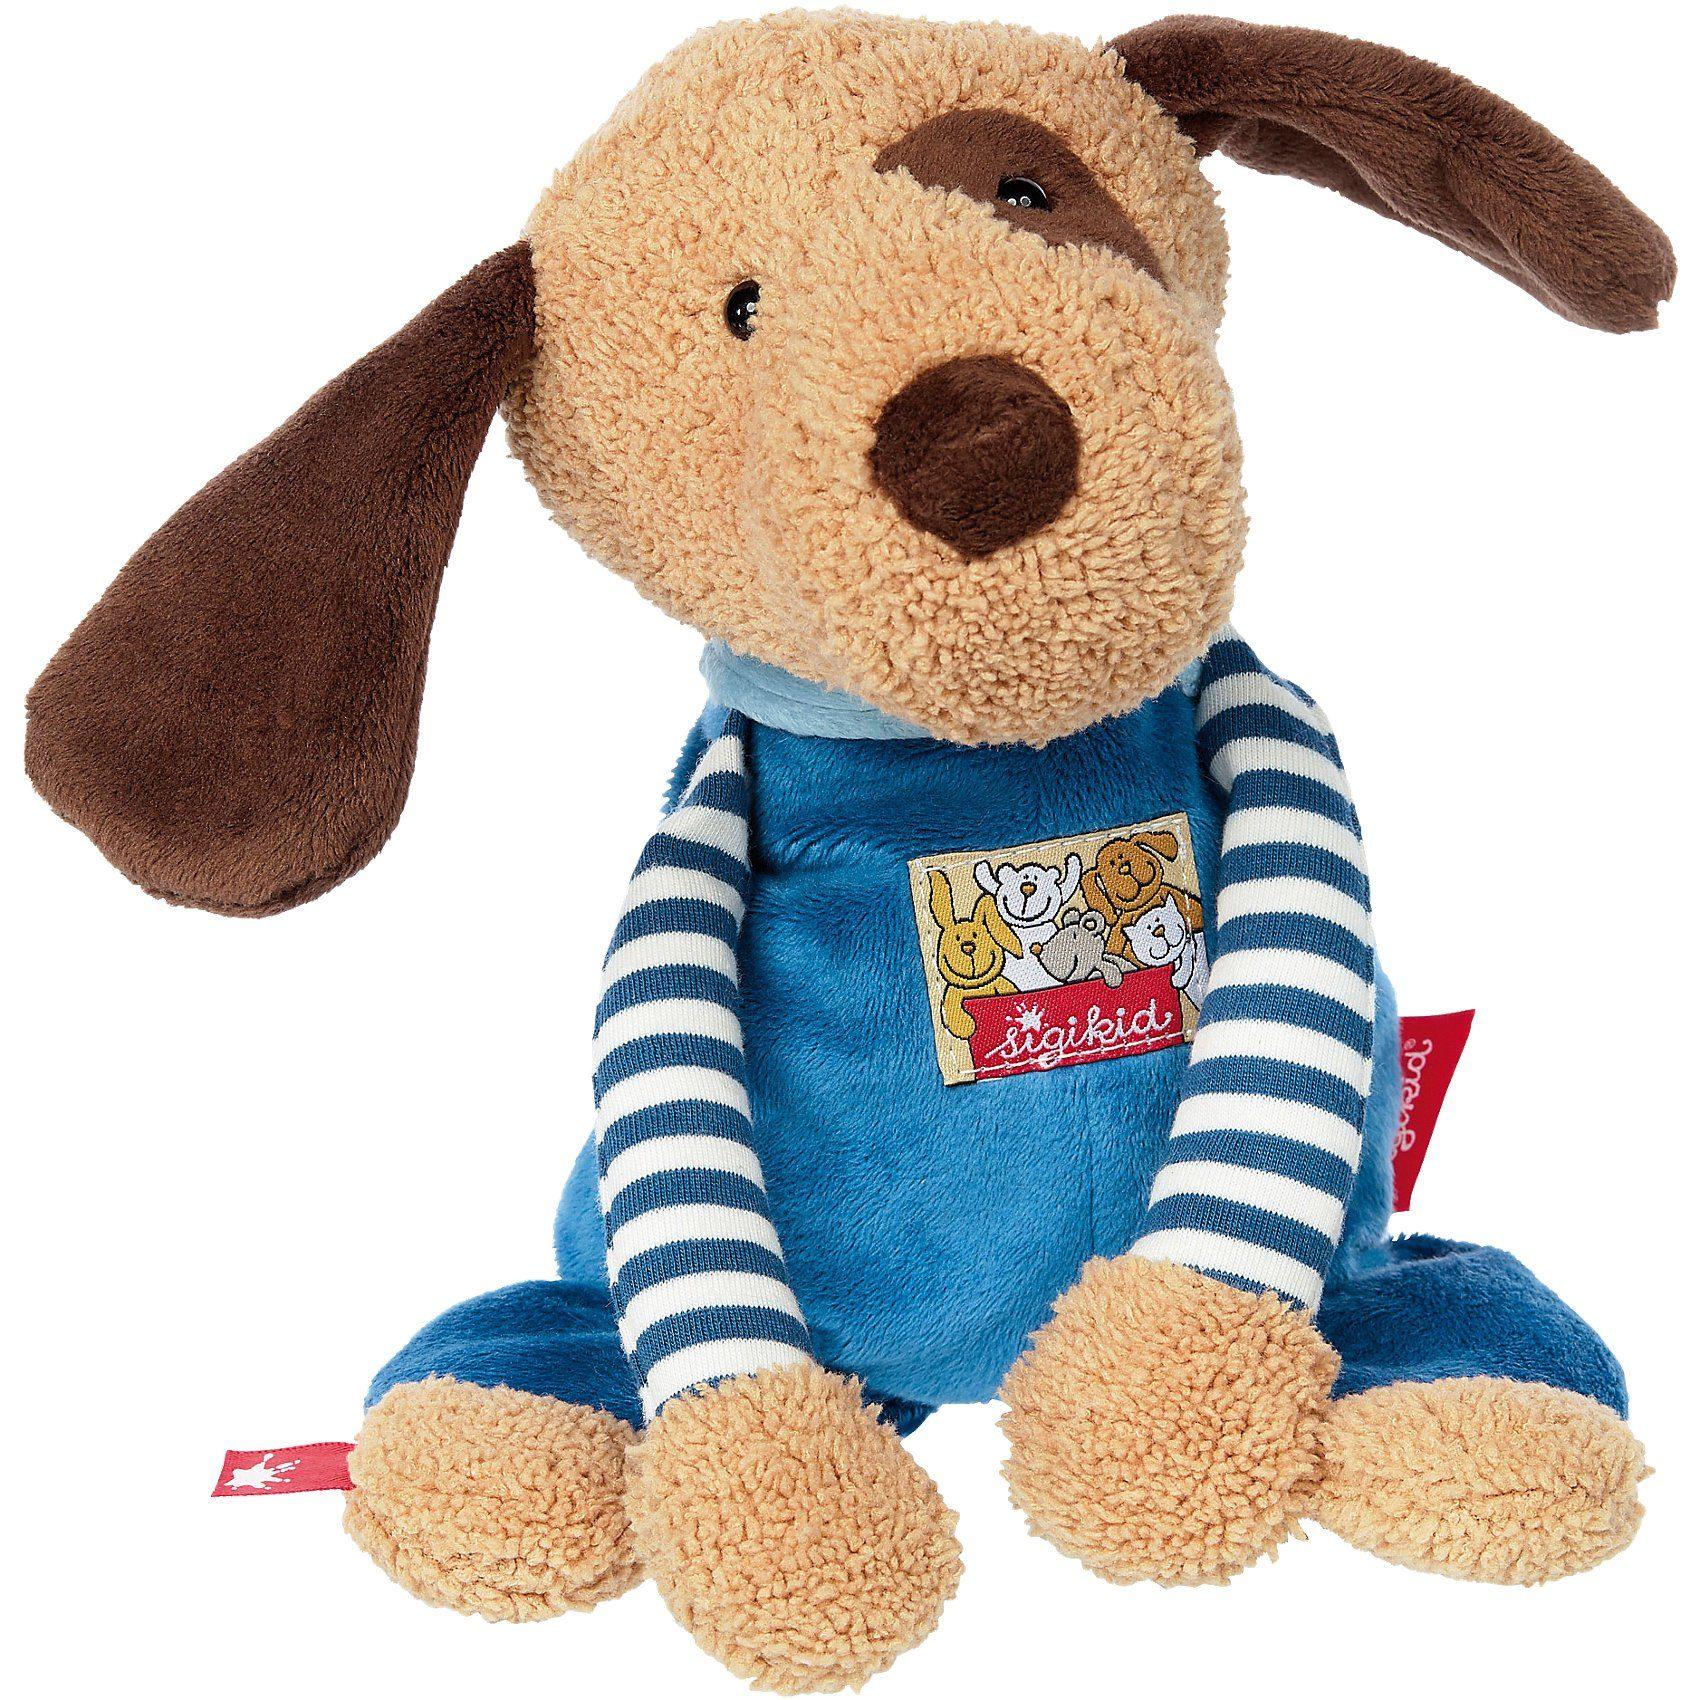 Sigikid Kuscheltier Hund Beste Freunde (38729)